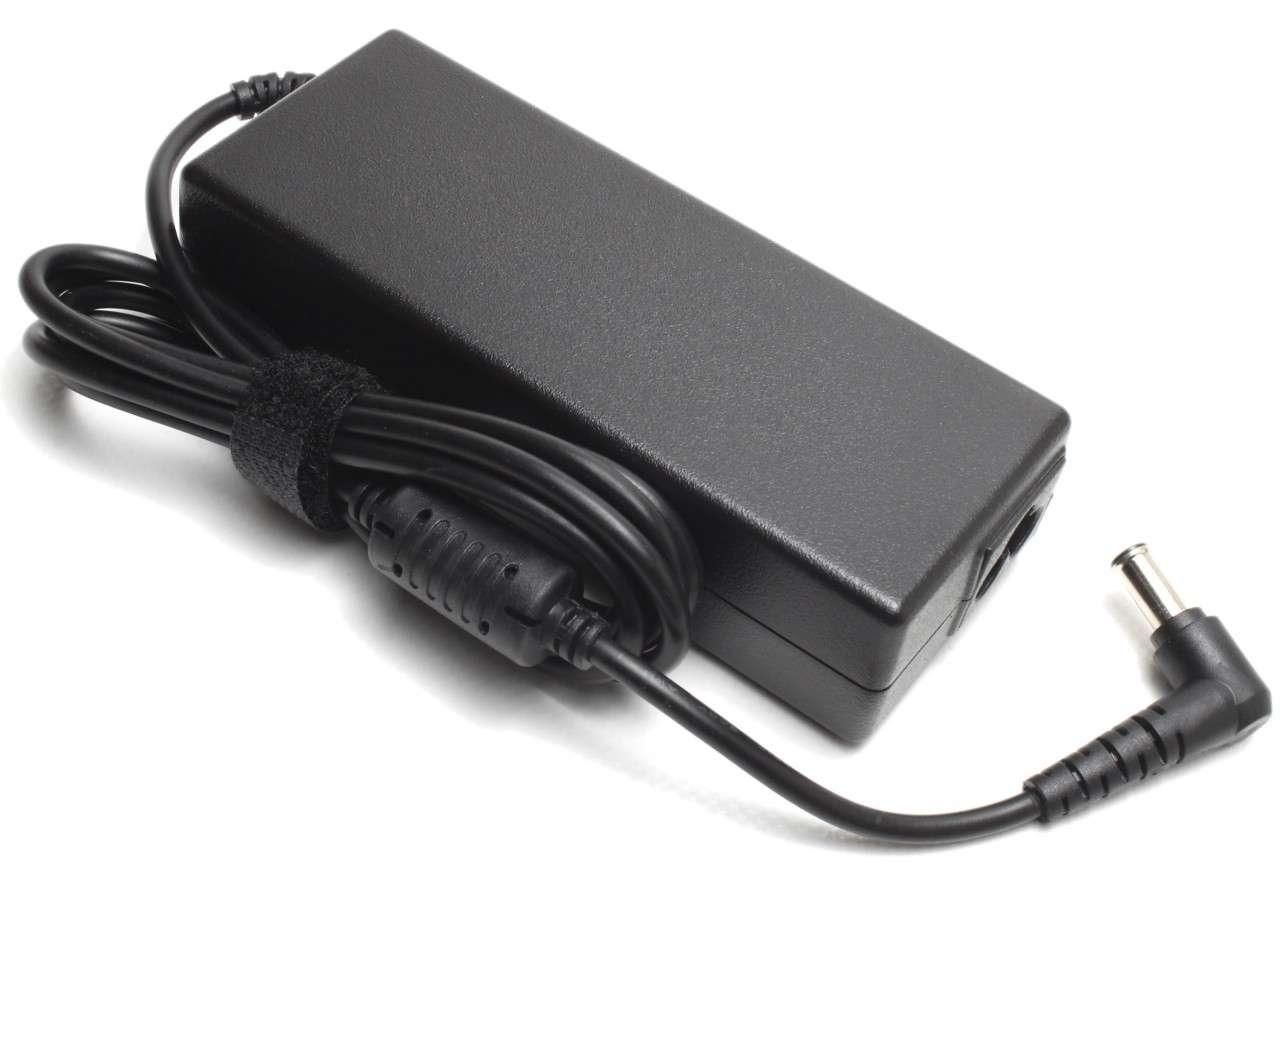 Incarcator Sony Vaio VPCCW2BGN/BU Replacement imagine powerlaptop.ro 2021